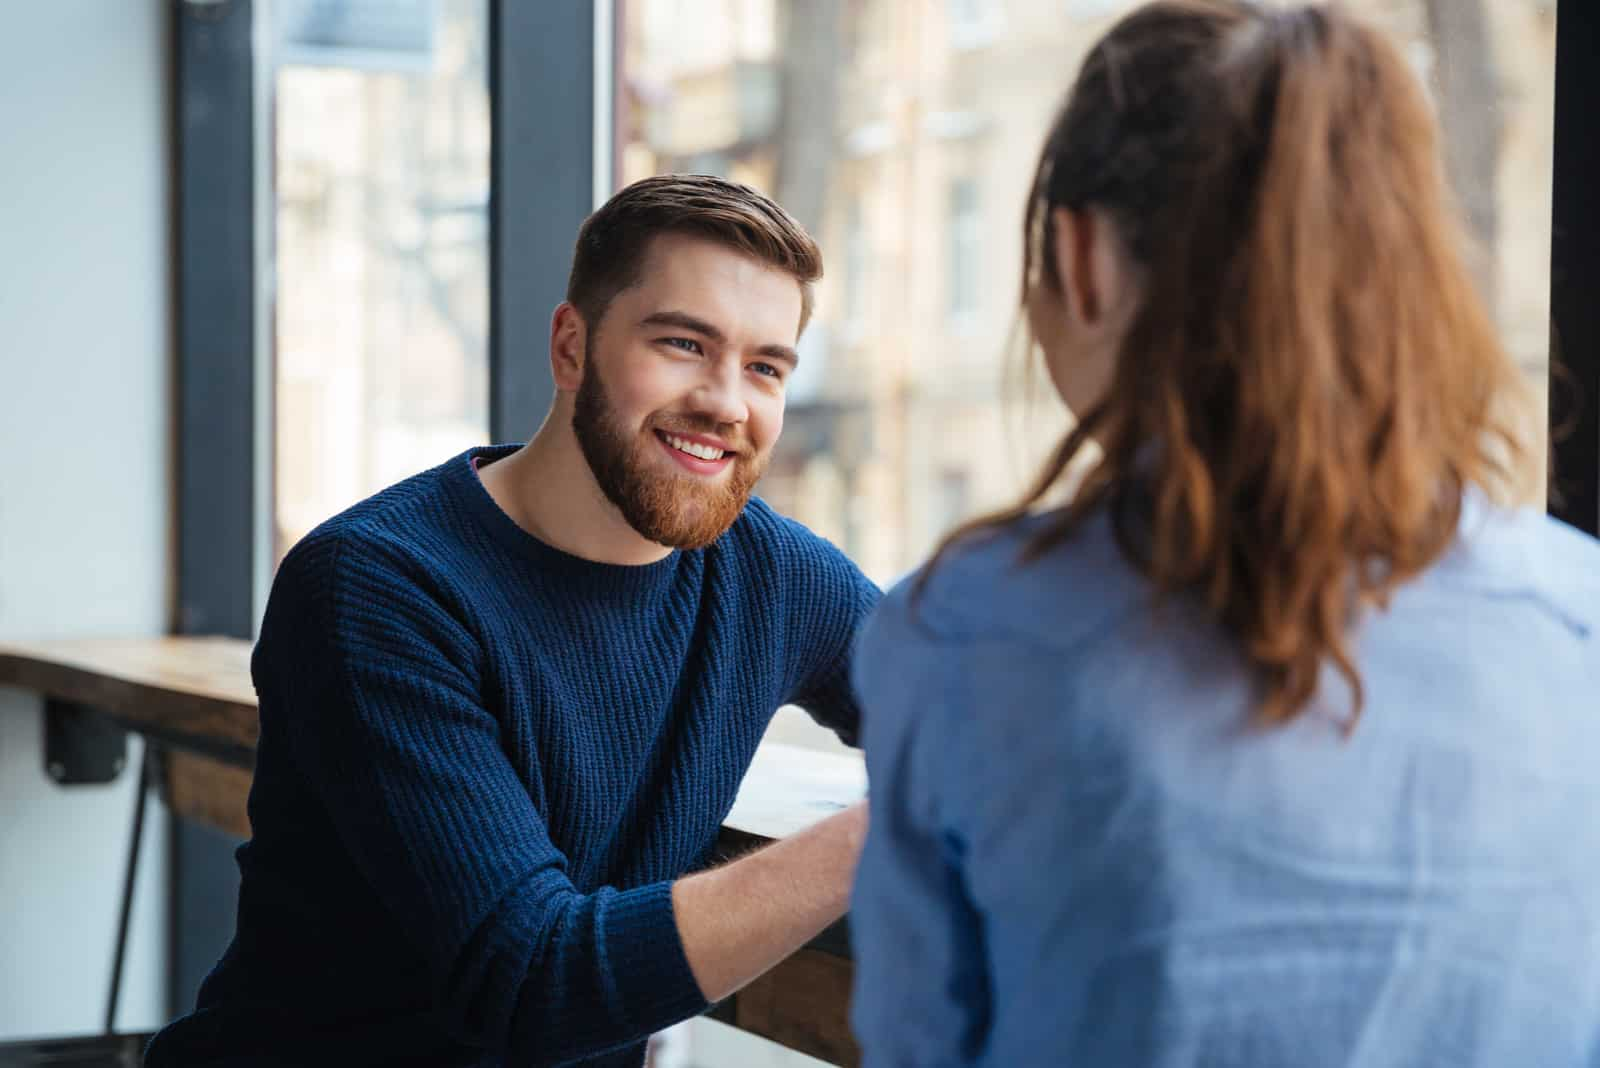 ein lächelnder Mann, der mit einer Frau spricht